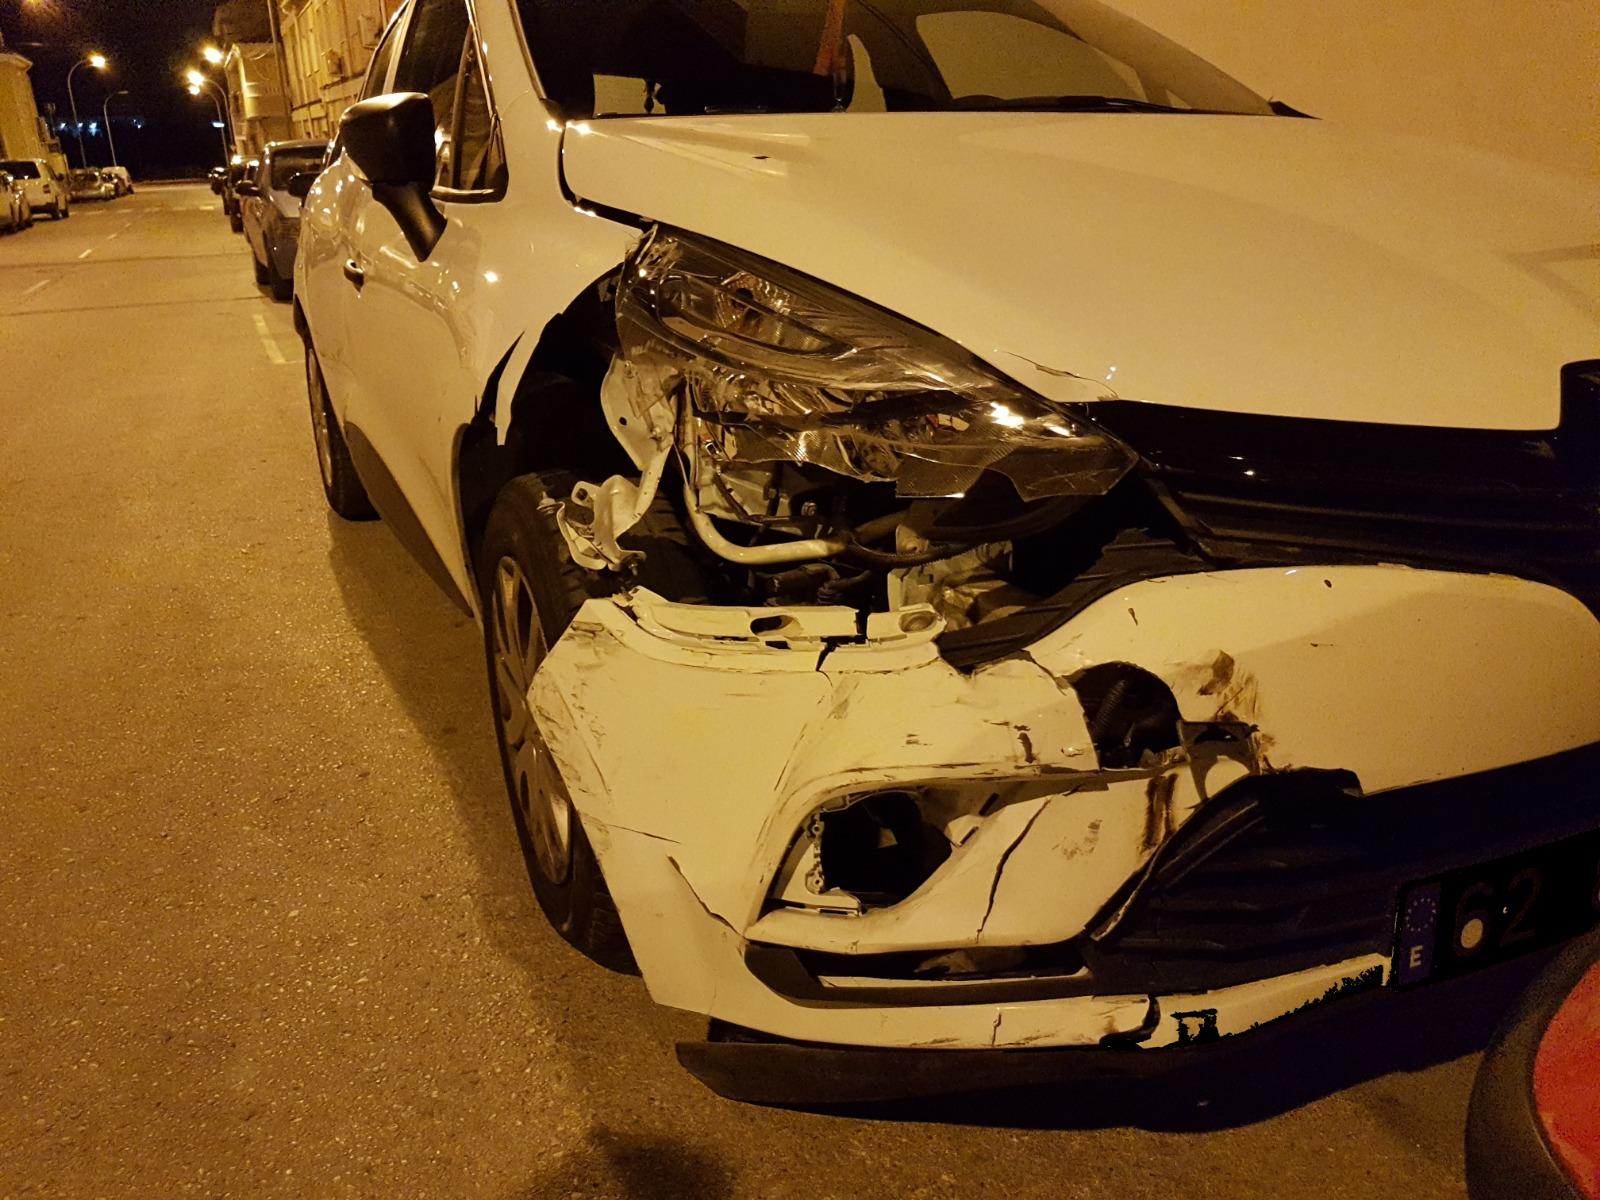 La Policía Local de Elda detiene a dos conductores sin carné tras causar importantes daños en varios vehículos estacionados